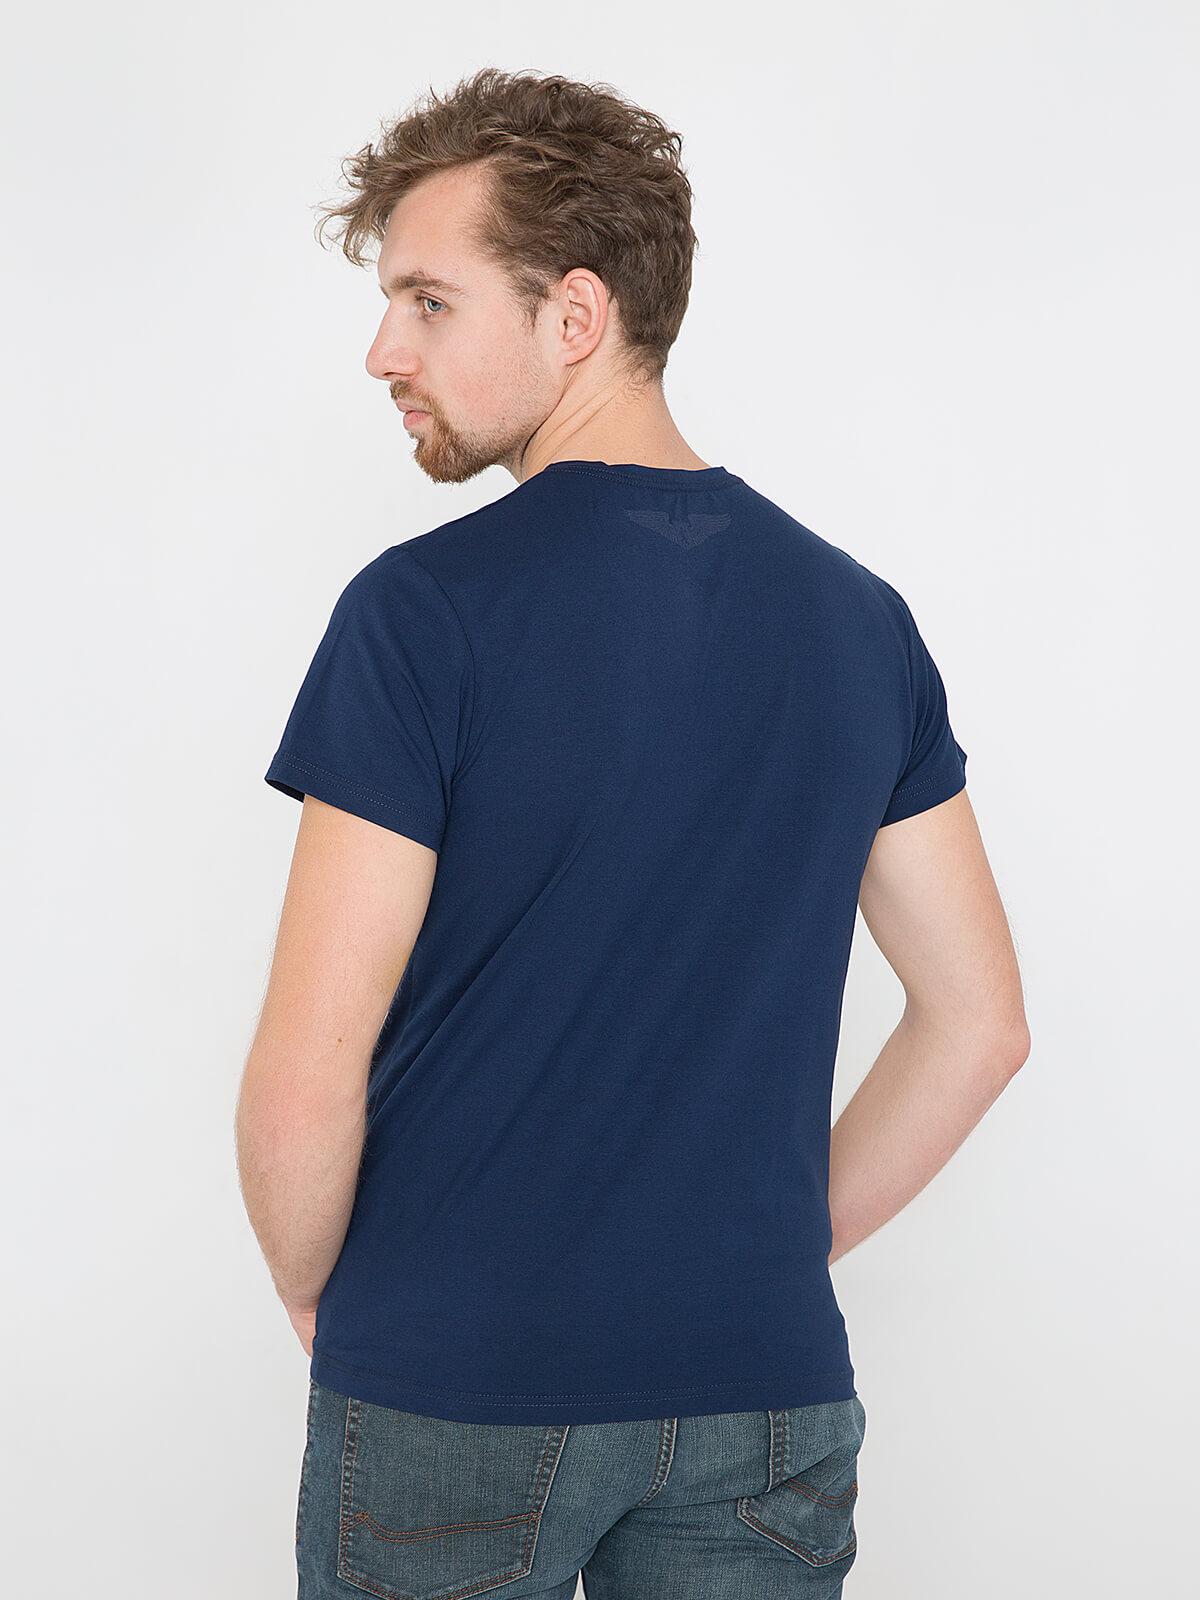 Men's T-Shirt Ukrainian Air Force. Color dark blue.  Material: 95% cotton, 5% spandex.